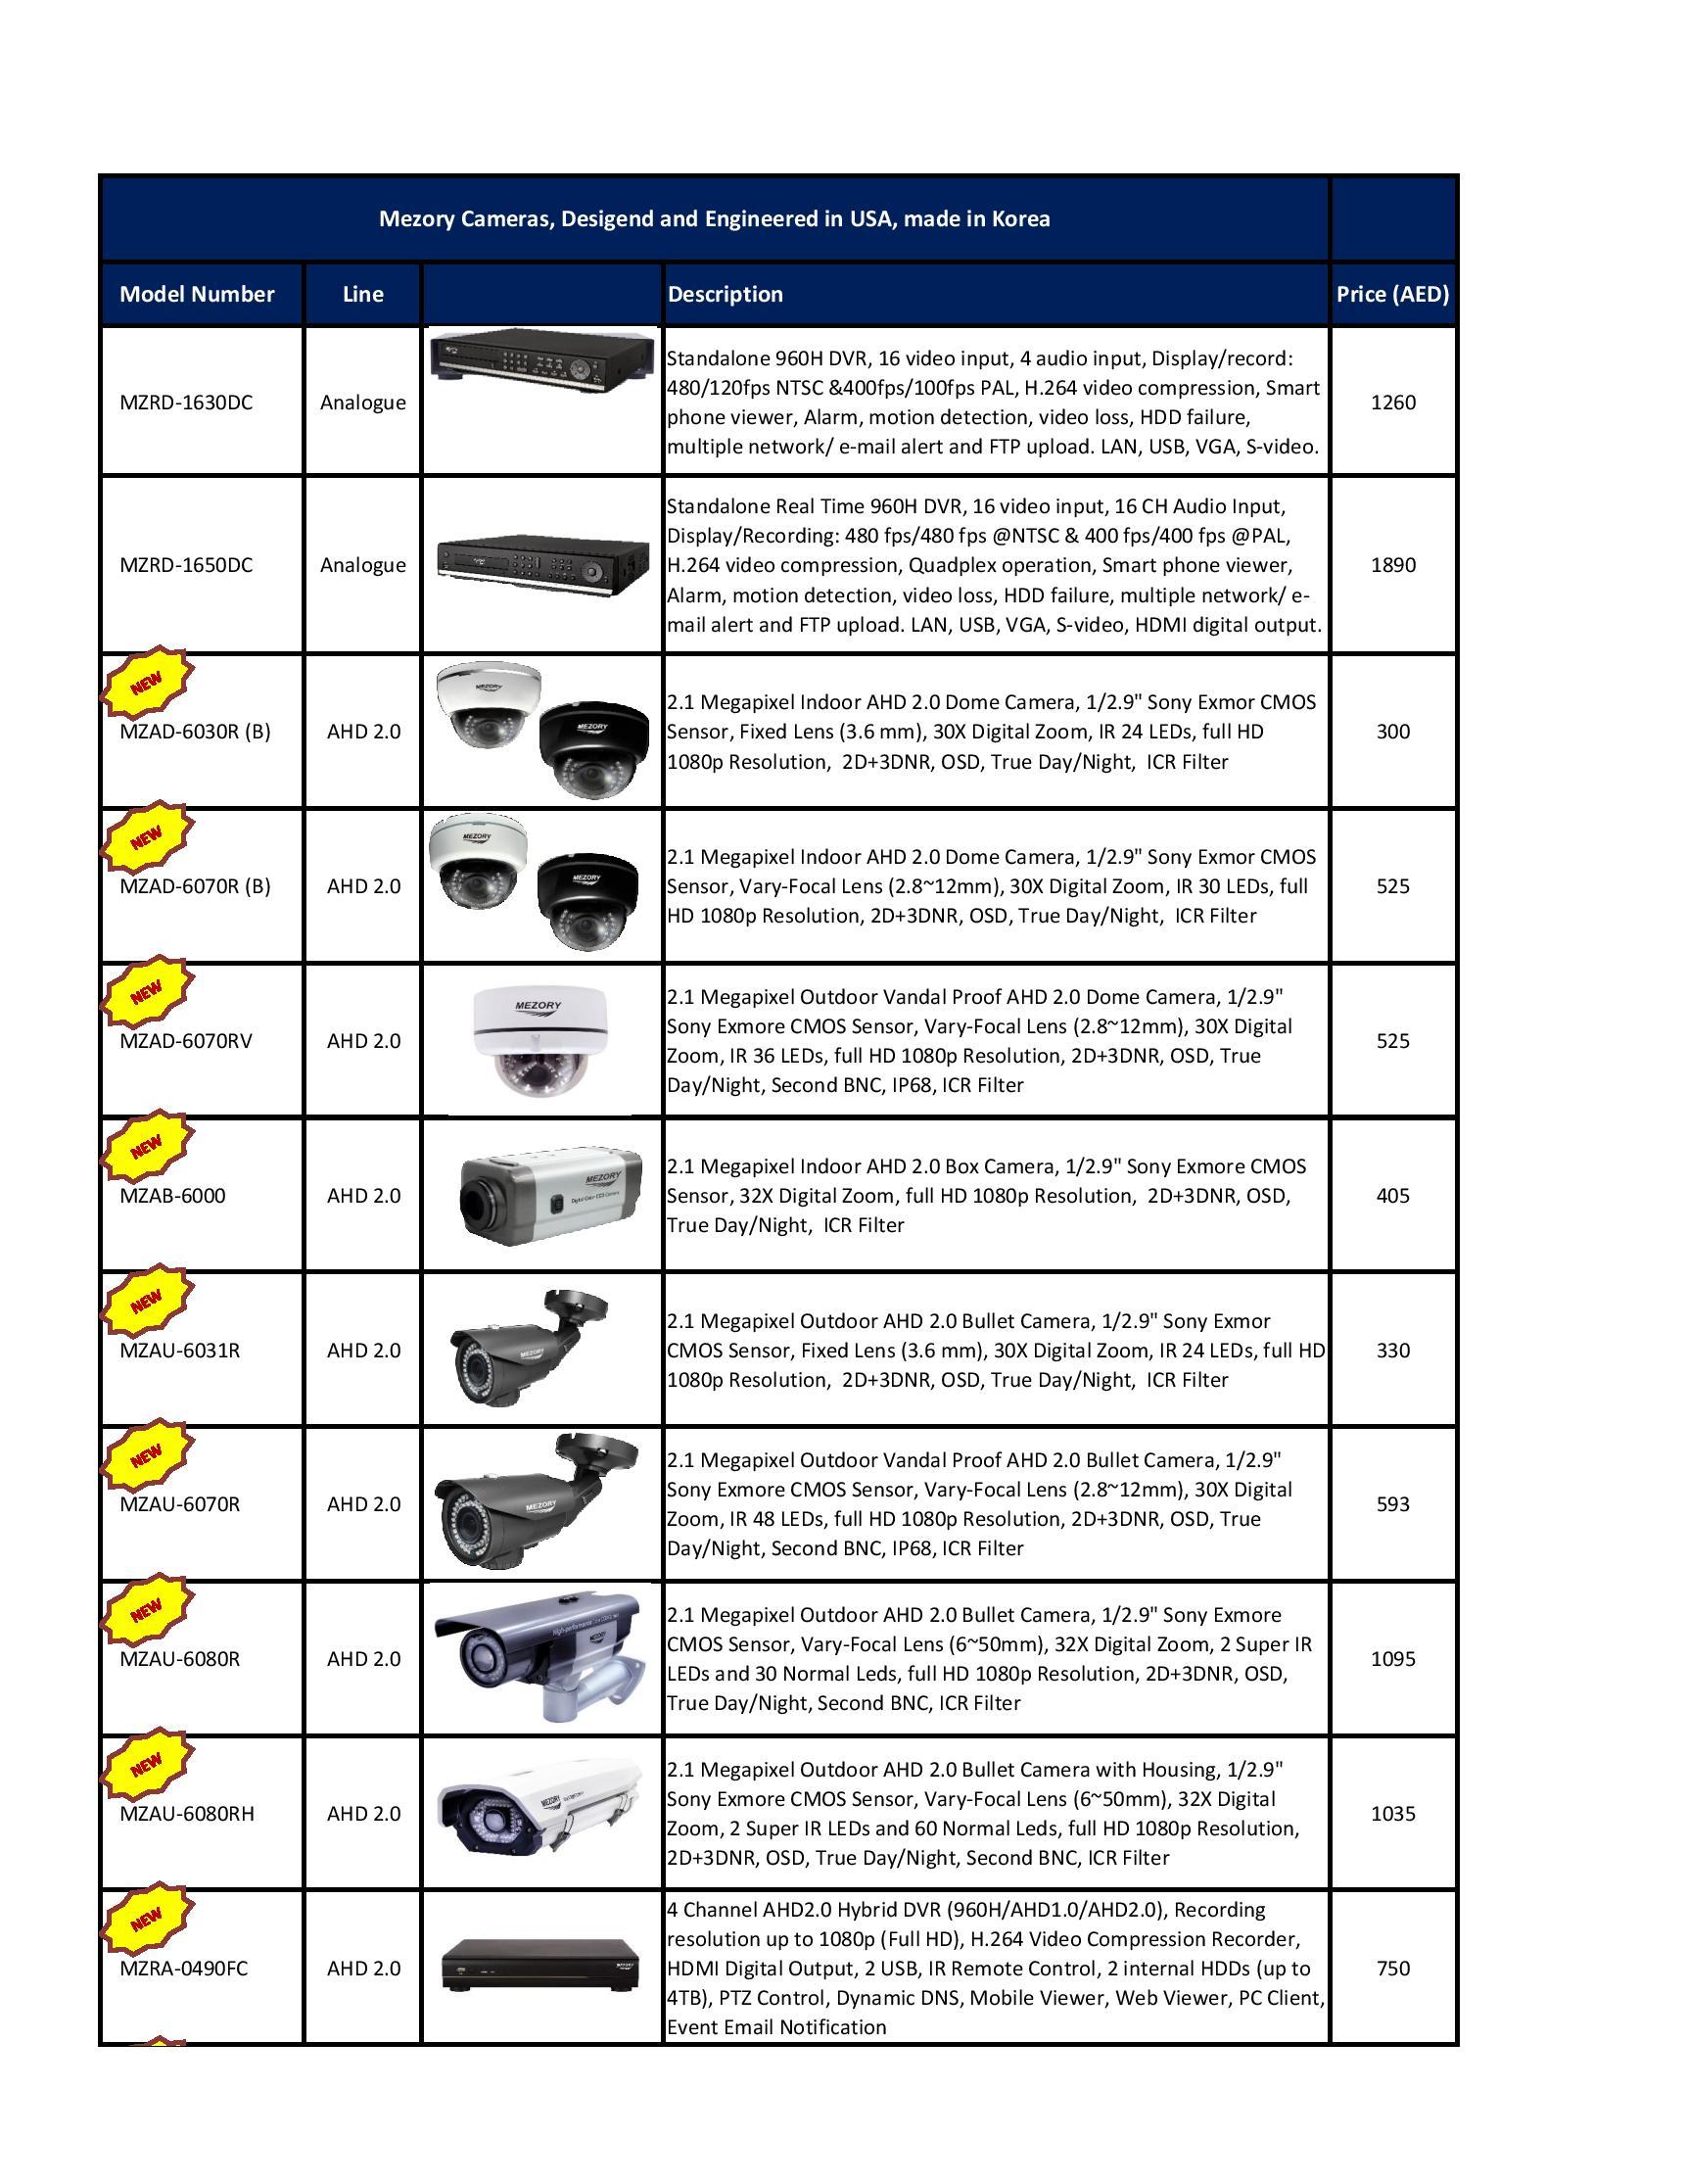 Price List UAE2016 (4-9-2016)-page-003